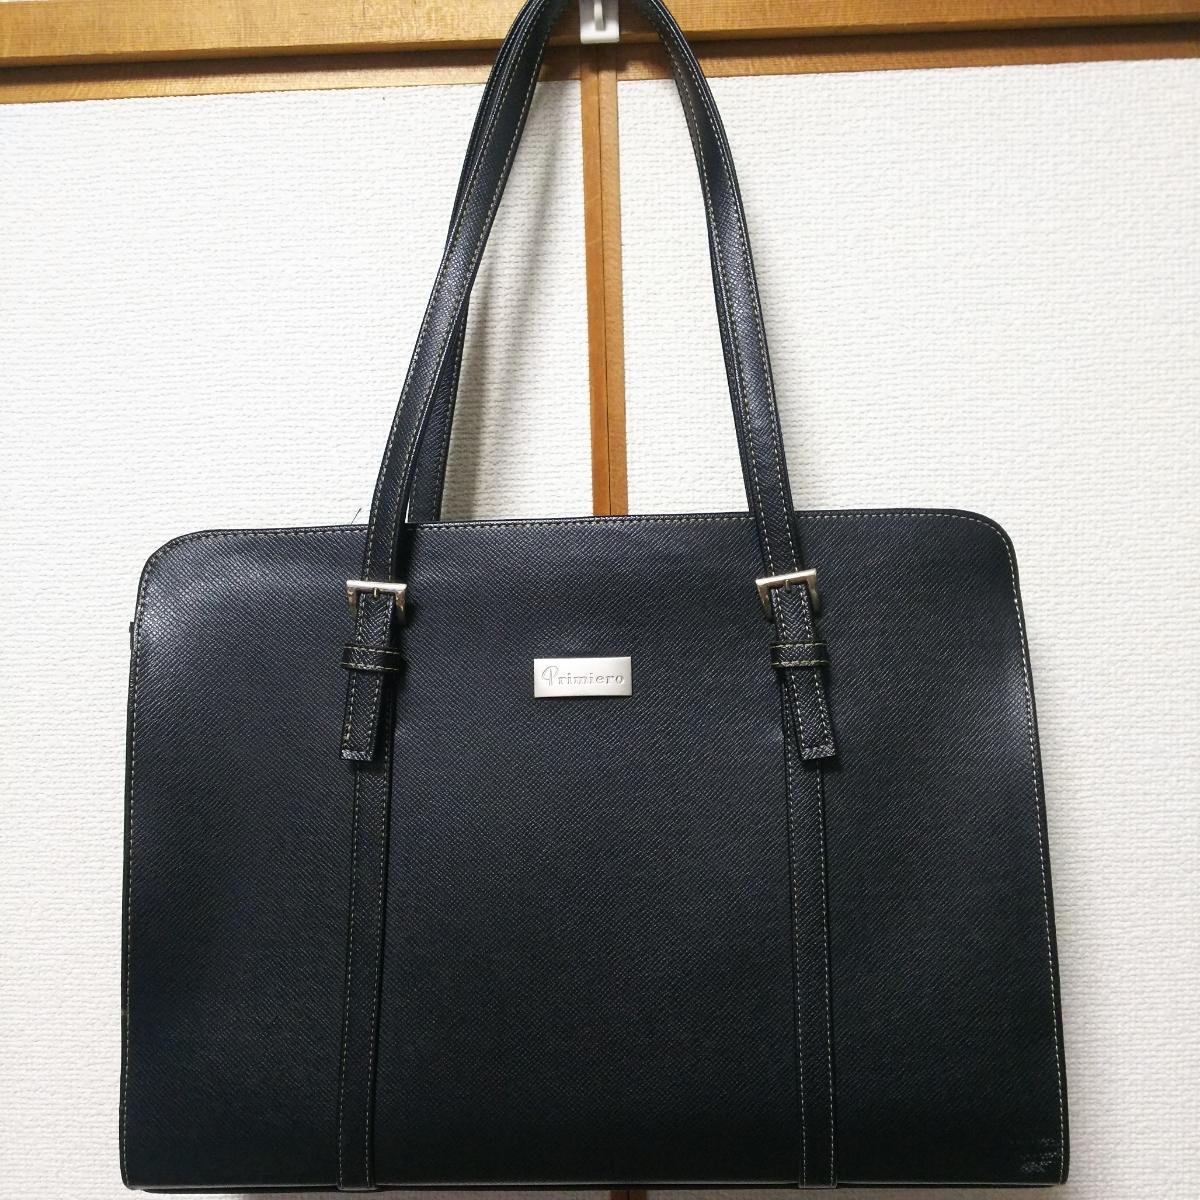 激安、Primieroのビジネスバッグ、ハンドバッグビジネスバッグ